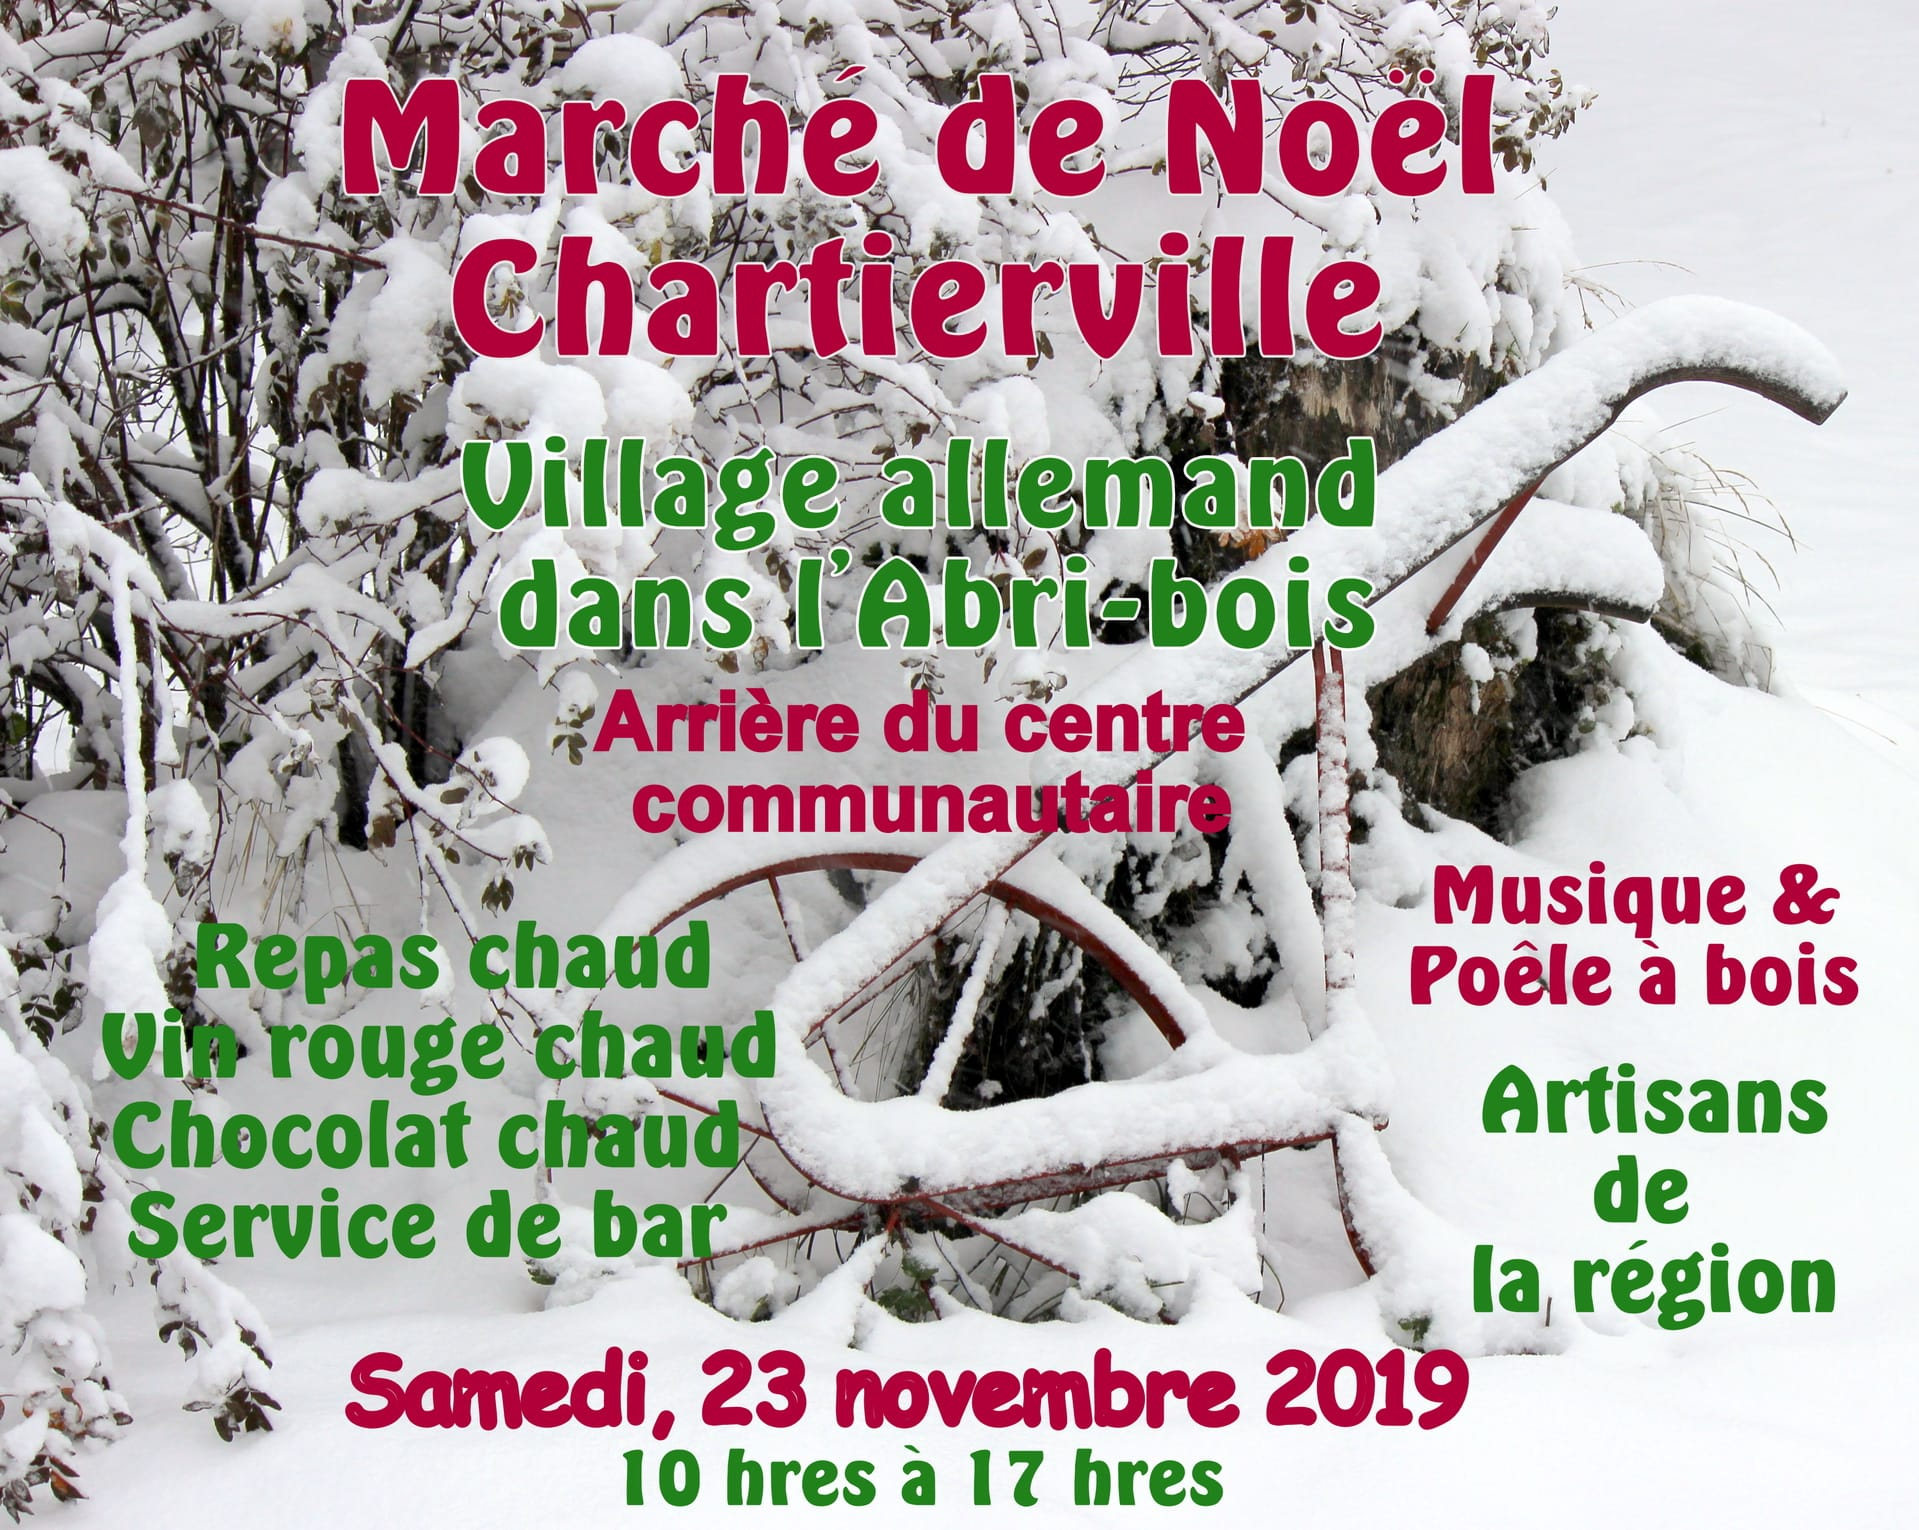 Marché de Noël de Chartierville